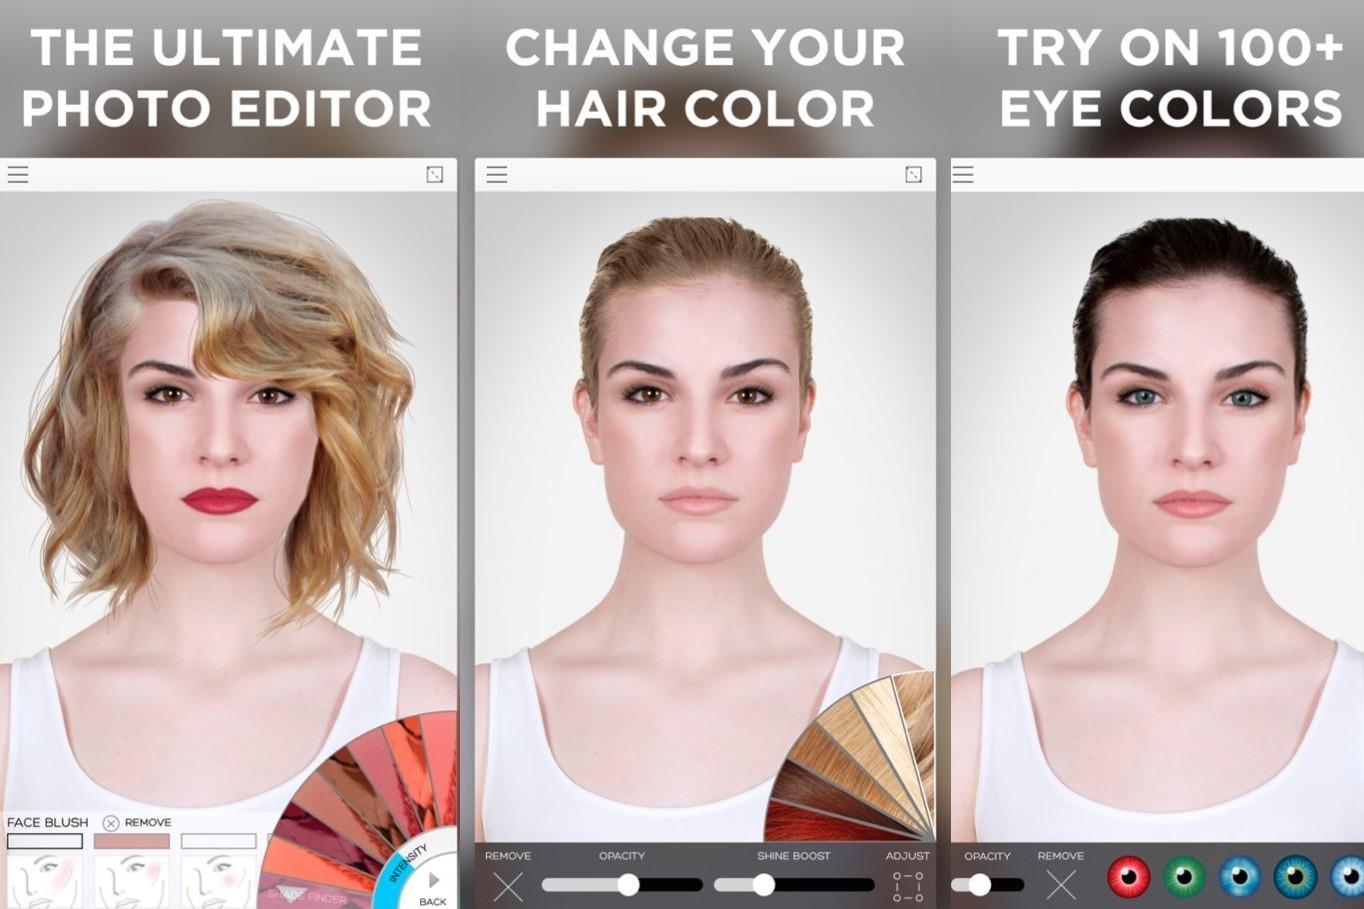 创新美妆电商 ModiFace 实现完整的虚拟上妆效果